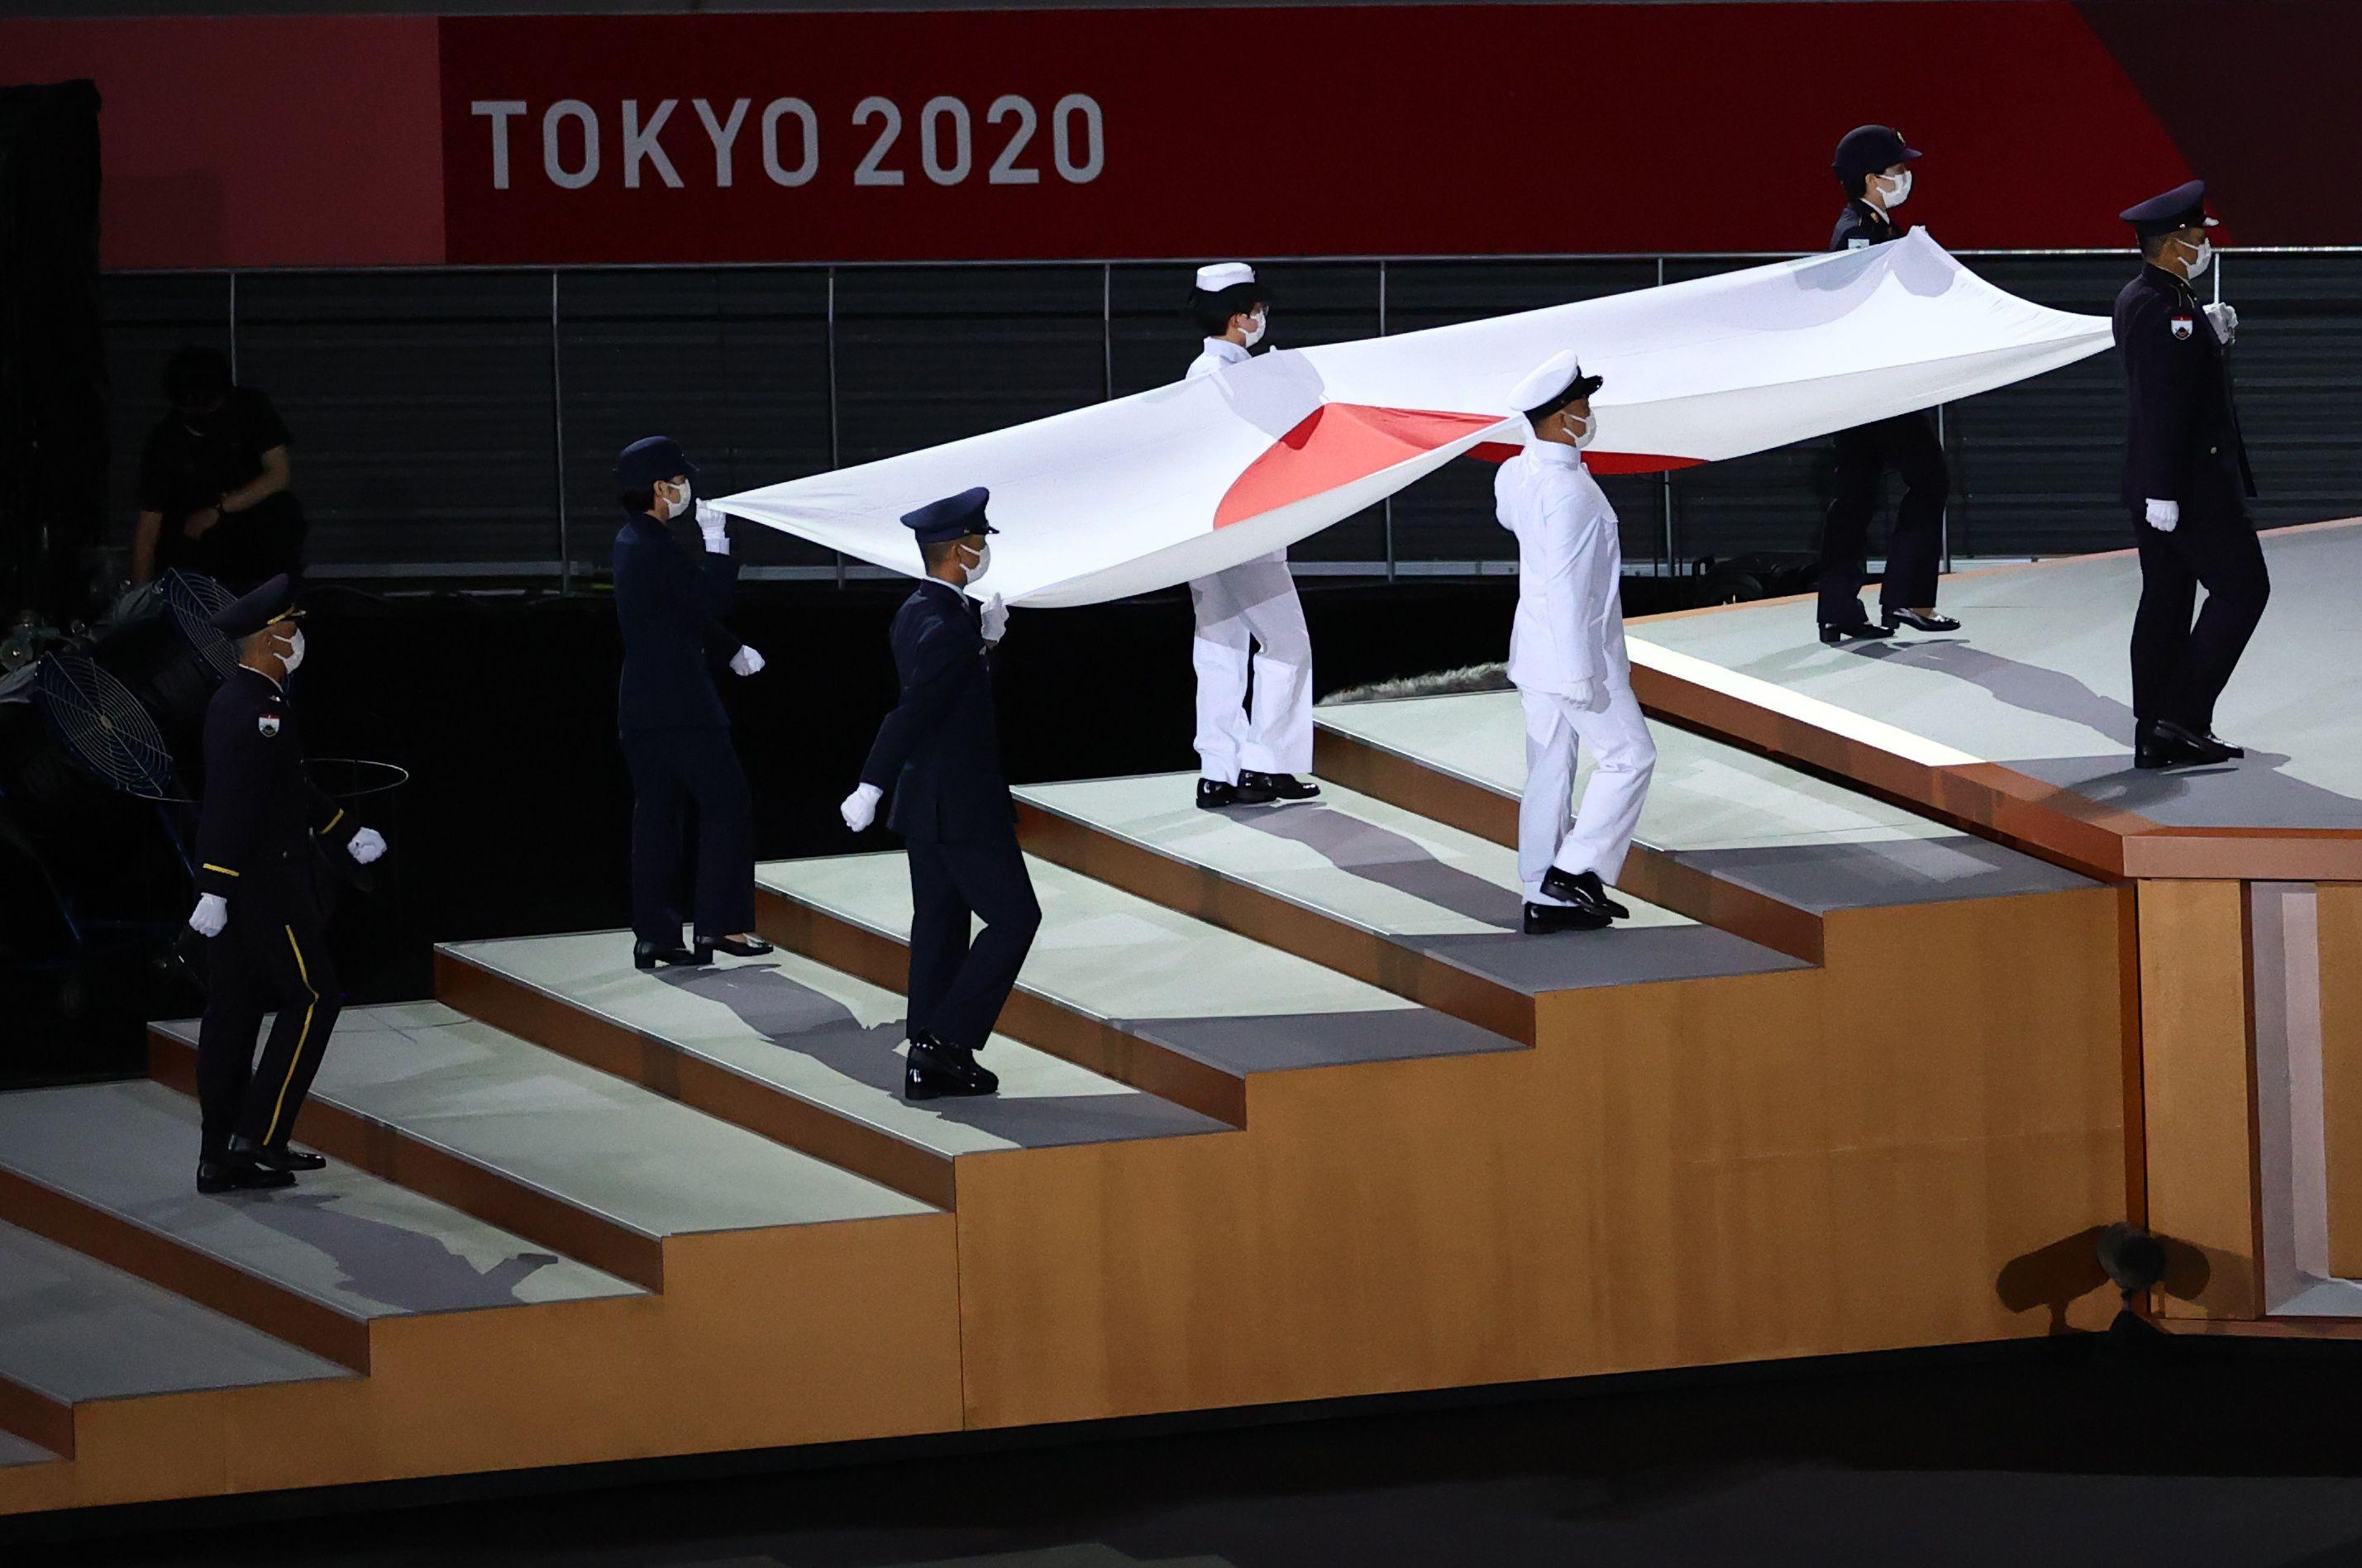 El ingreso de la bandera japonesa (REUTERS/Marko Djurica)